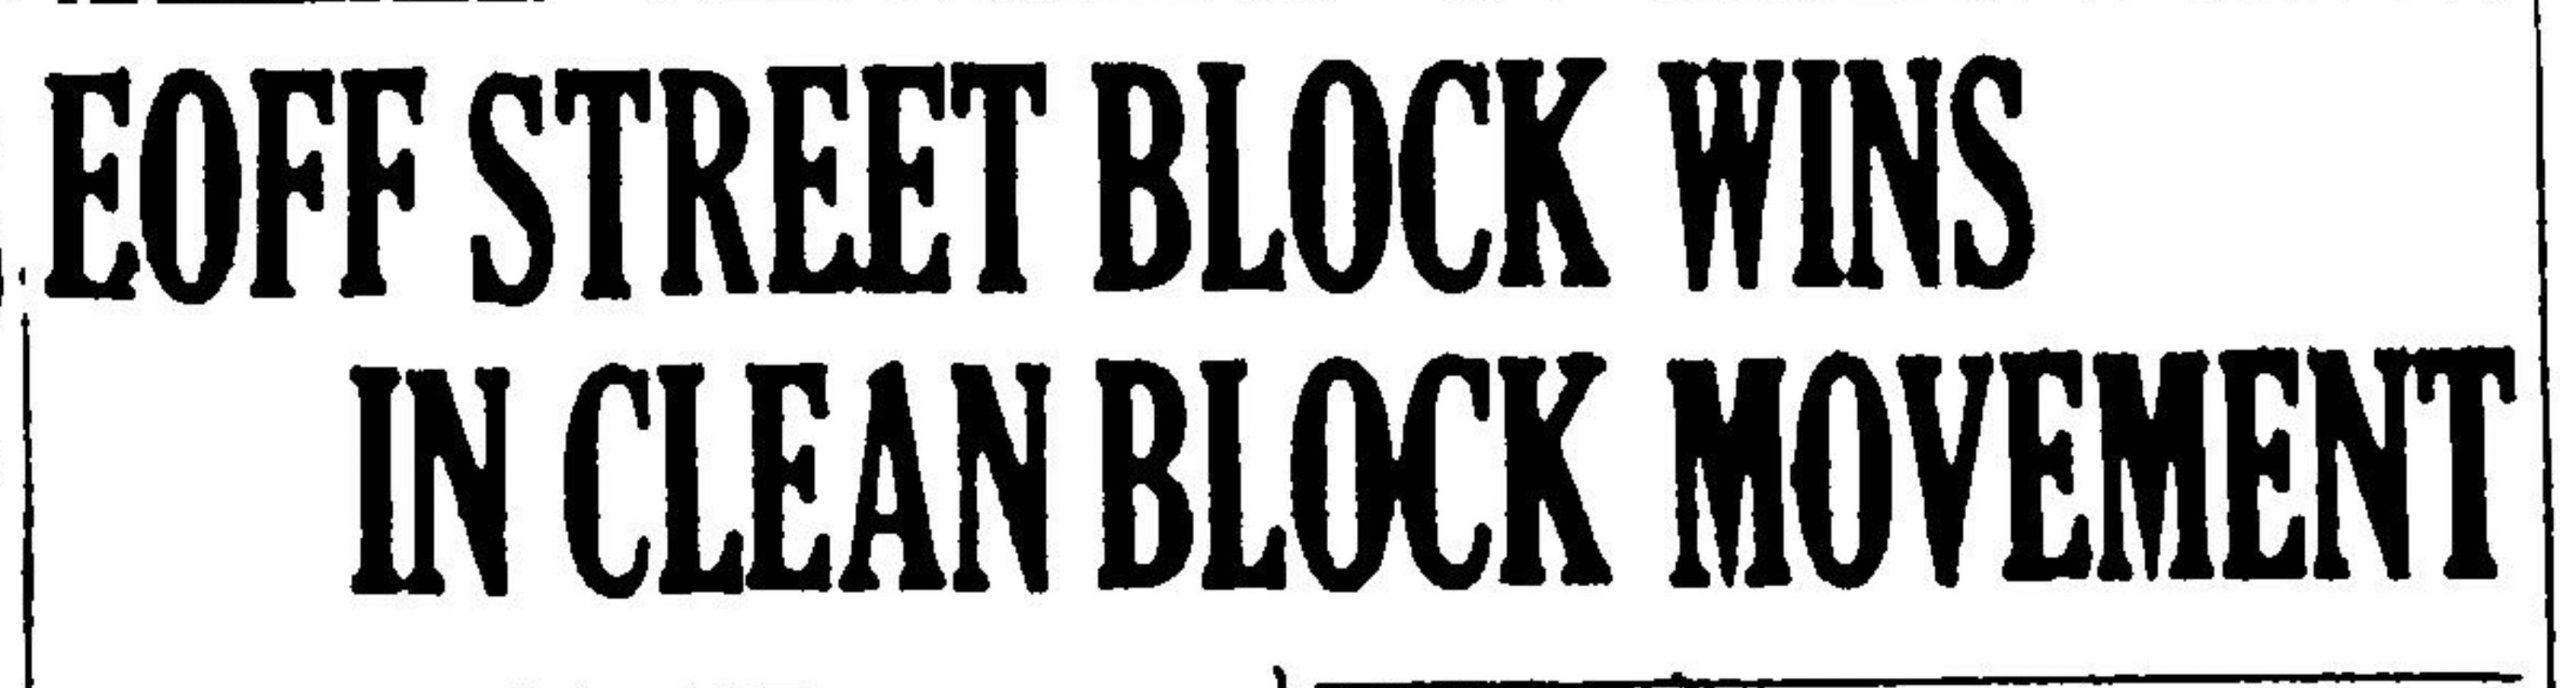 Wheeling Intelligencer, July 16, 1941